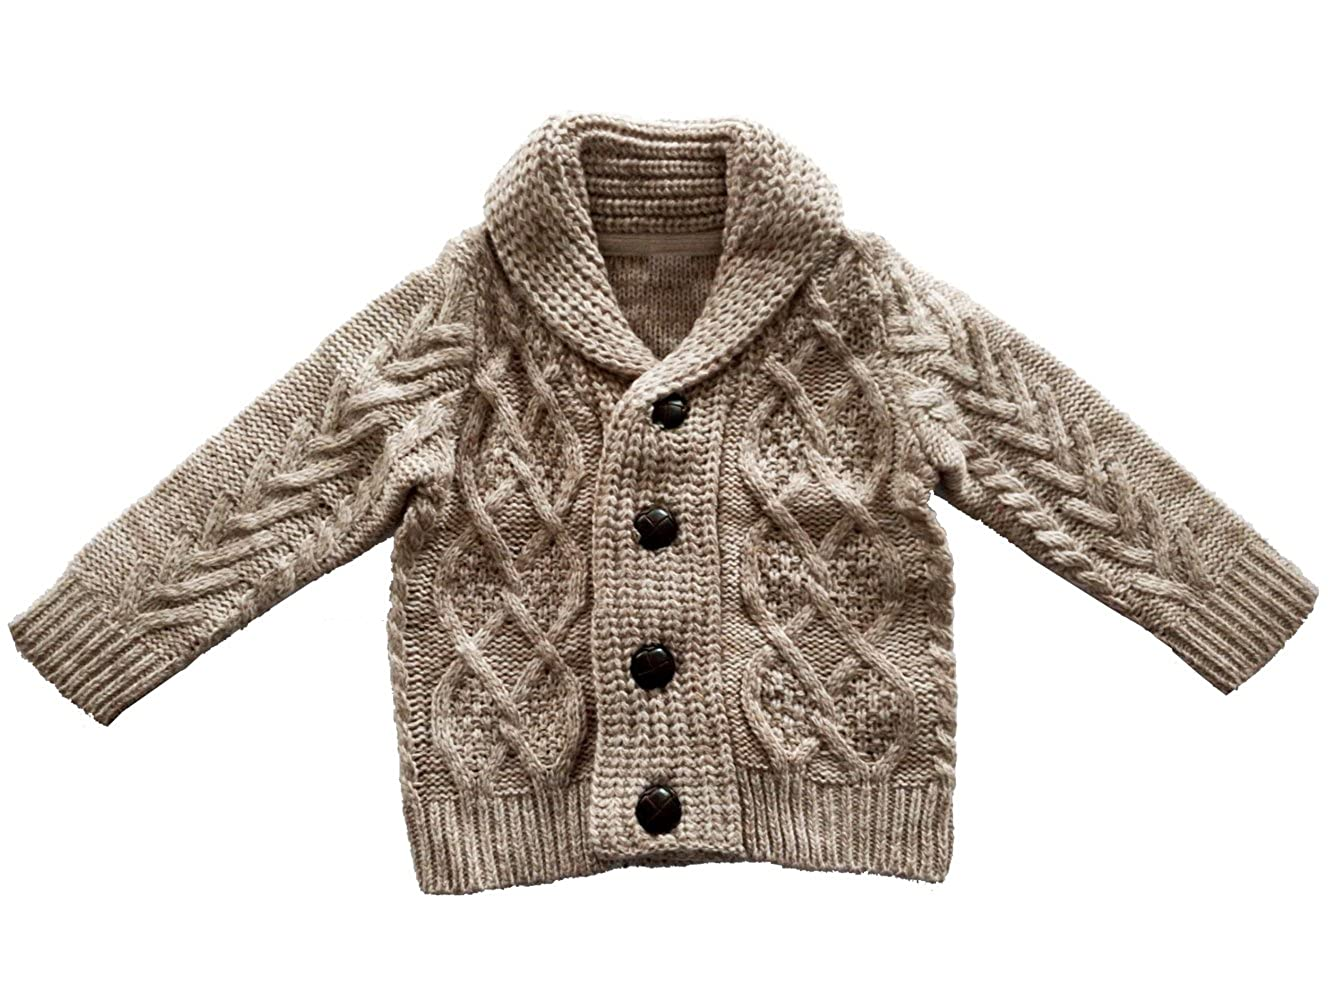 eKooBee Infant Baby Boys Sweater Cardigans Outerwear Beige